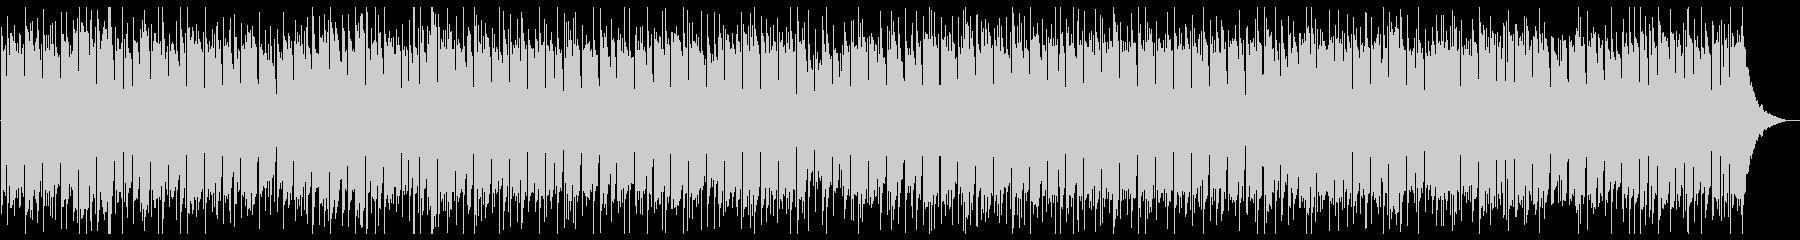 軽快なポップBGMの未再生の波形